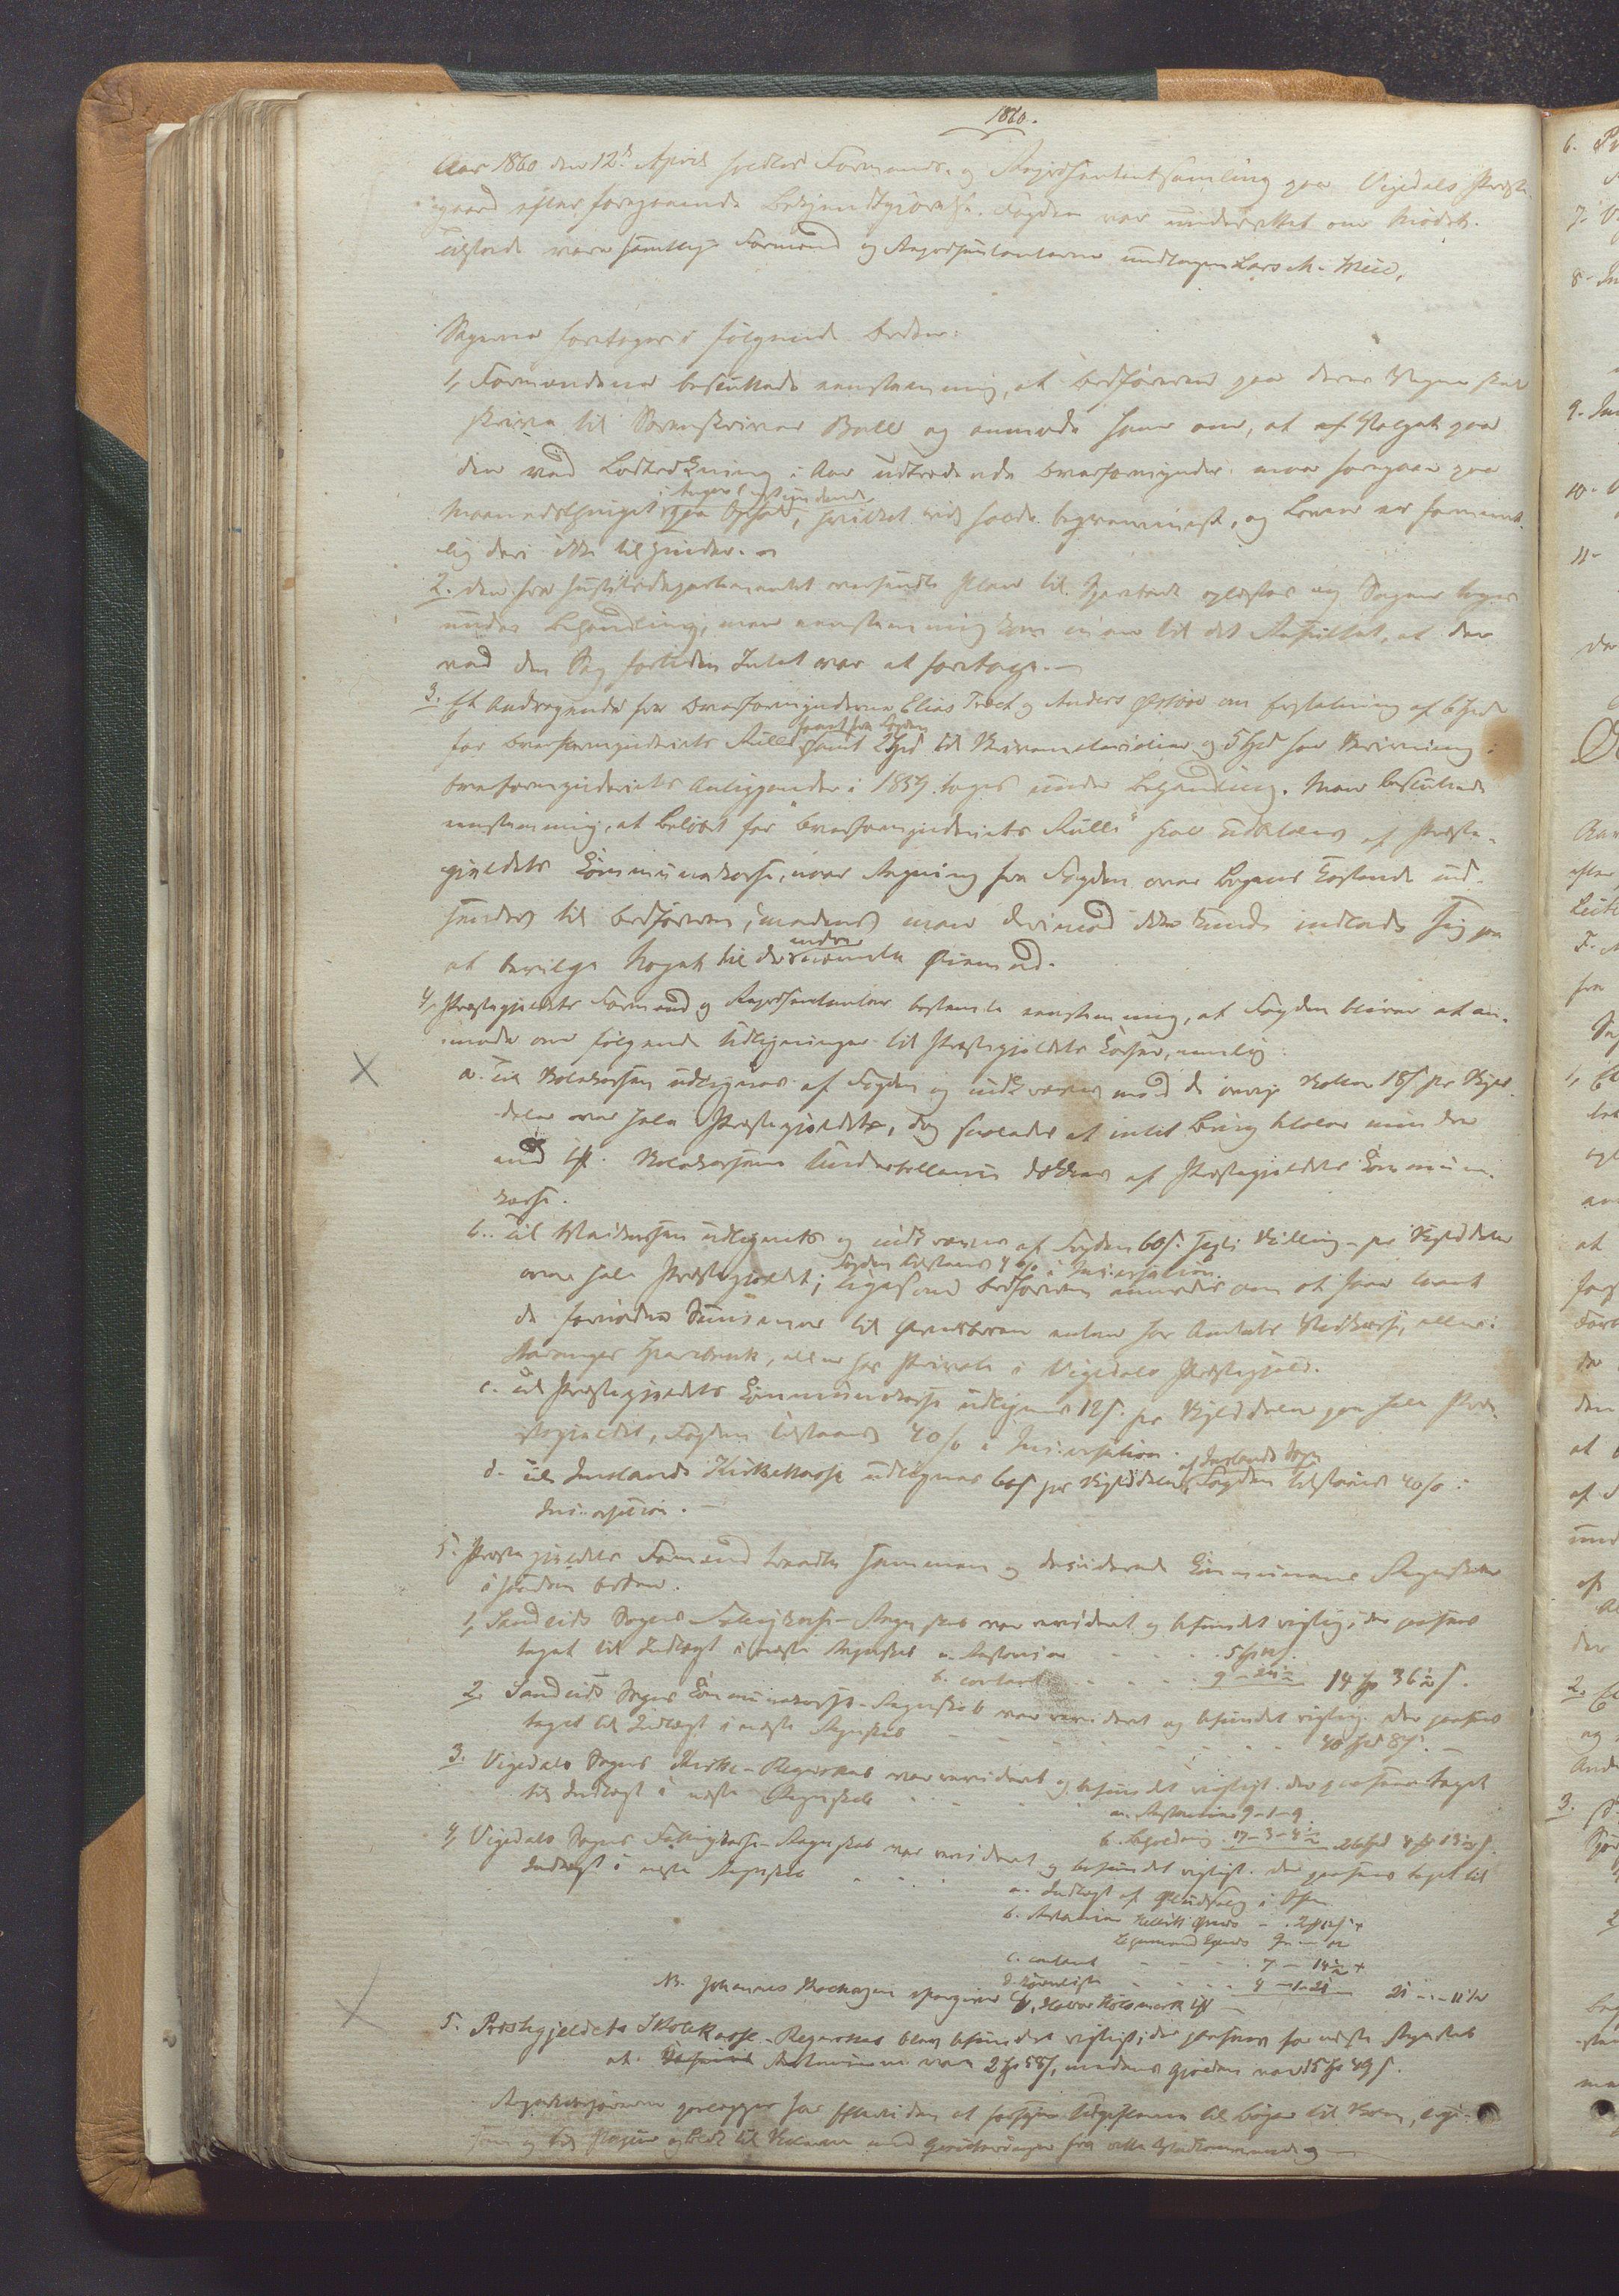 IKAR, Vikedal kommune - Formannskapet, Aaa/L0001: Møtebok, 1837-1874, p. 130b